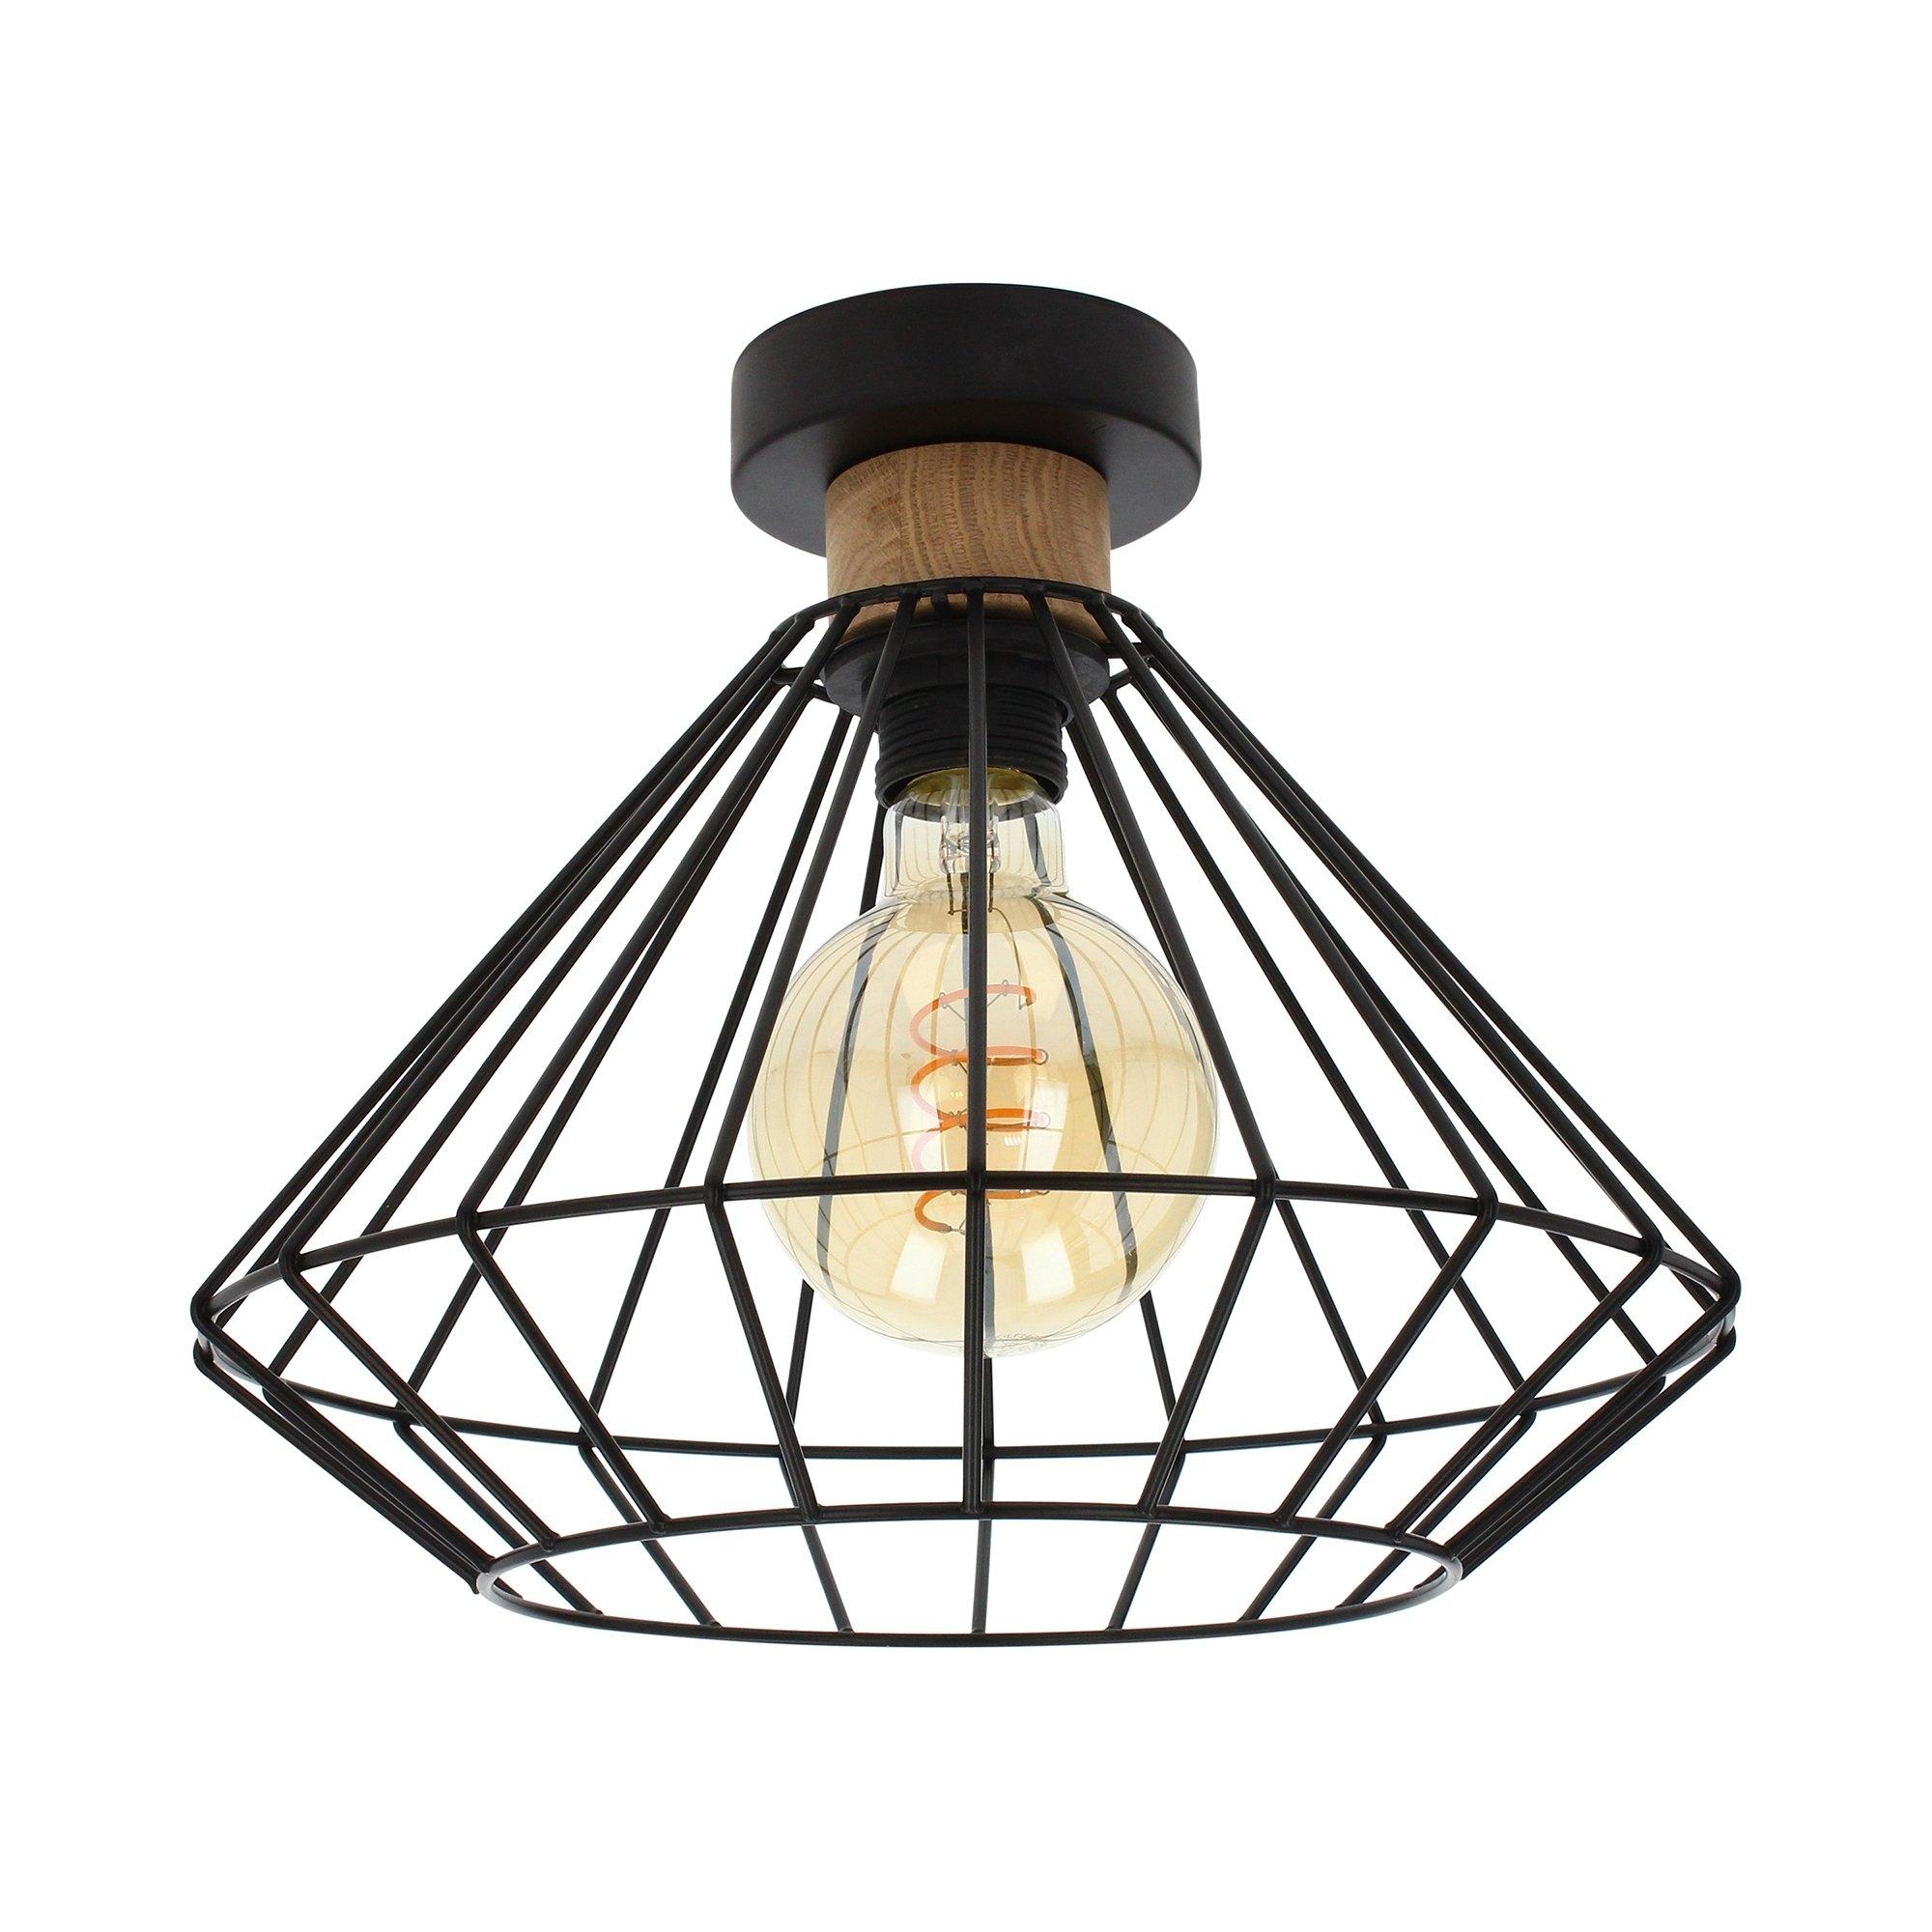 SPOT Light plafondlamp »GUNNAR« goedkoop op otto.nl kopen